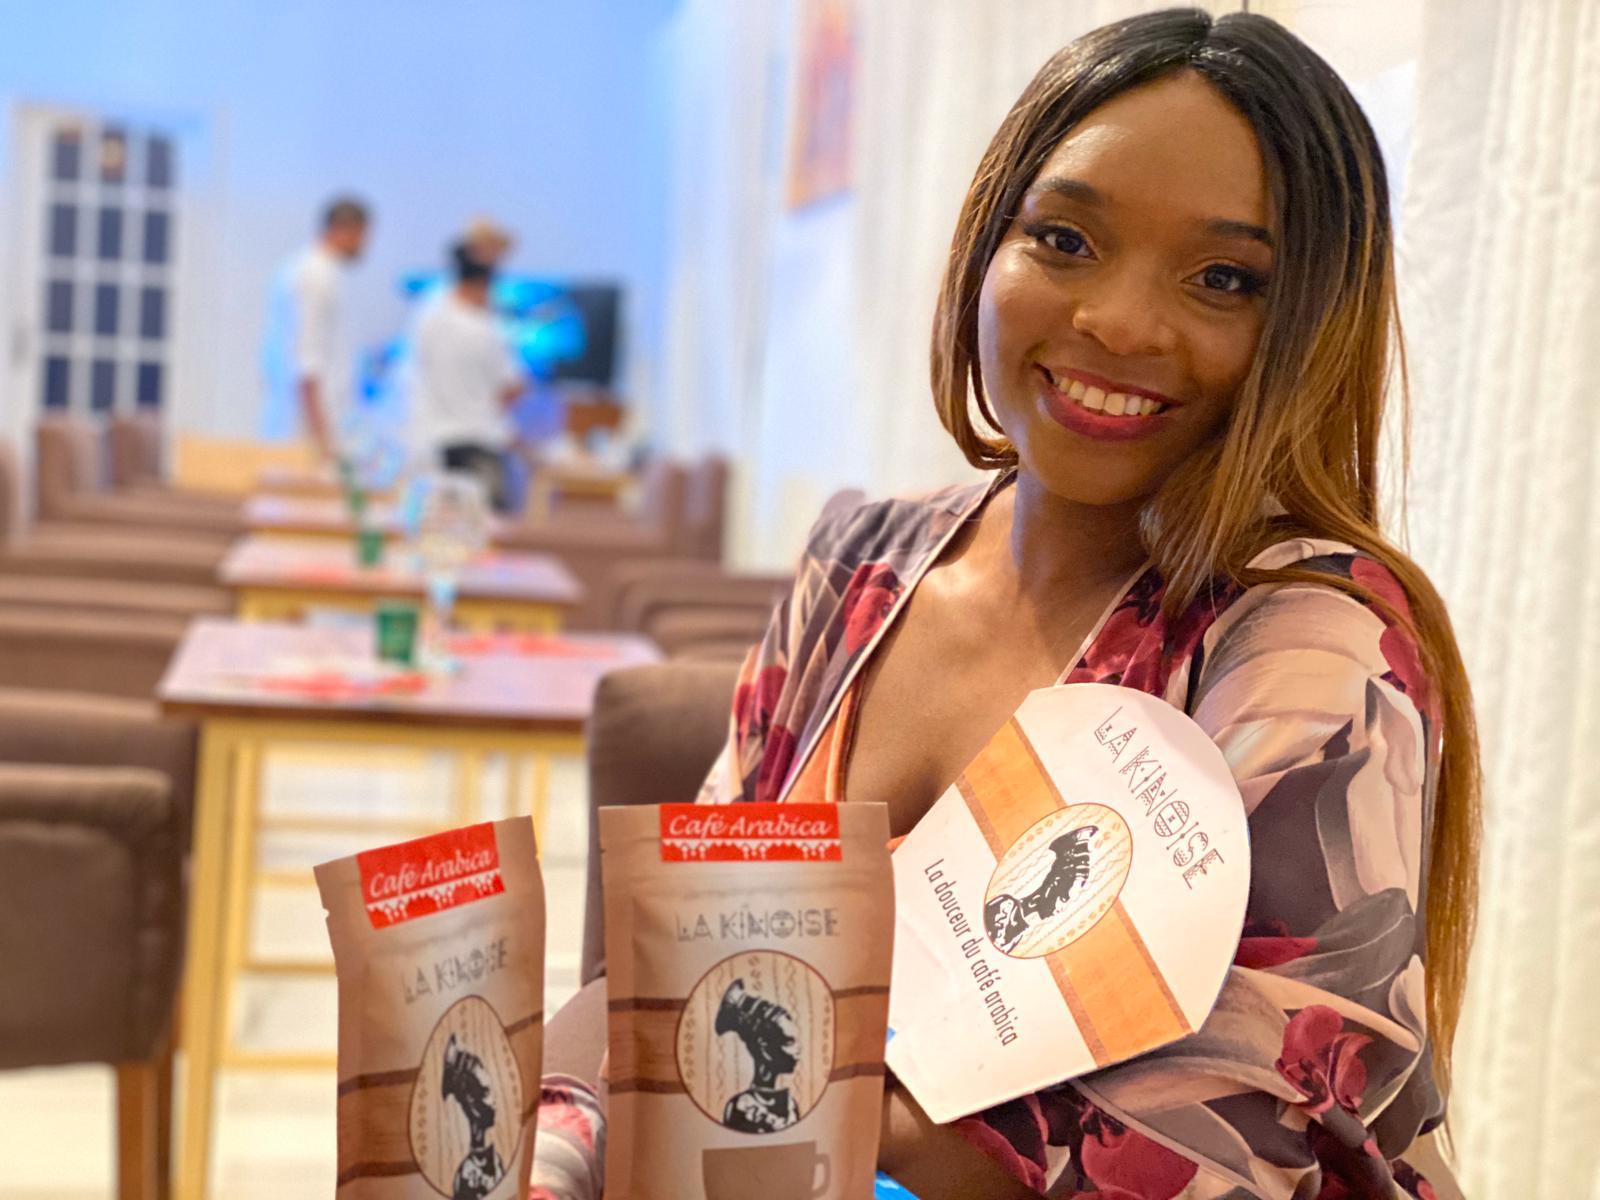 RDC : «la Kinoise», premier café robusta et arabica produit à Kinshasa 1